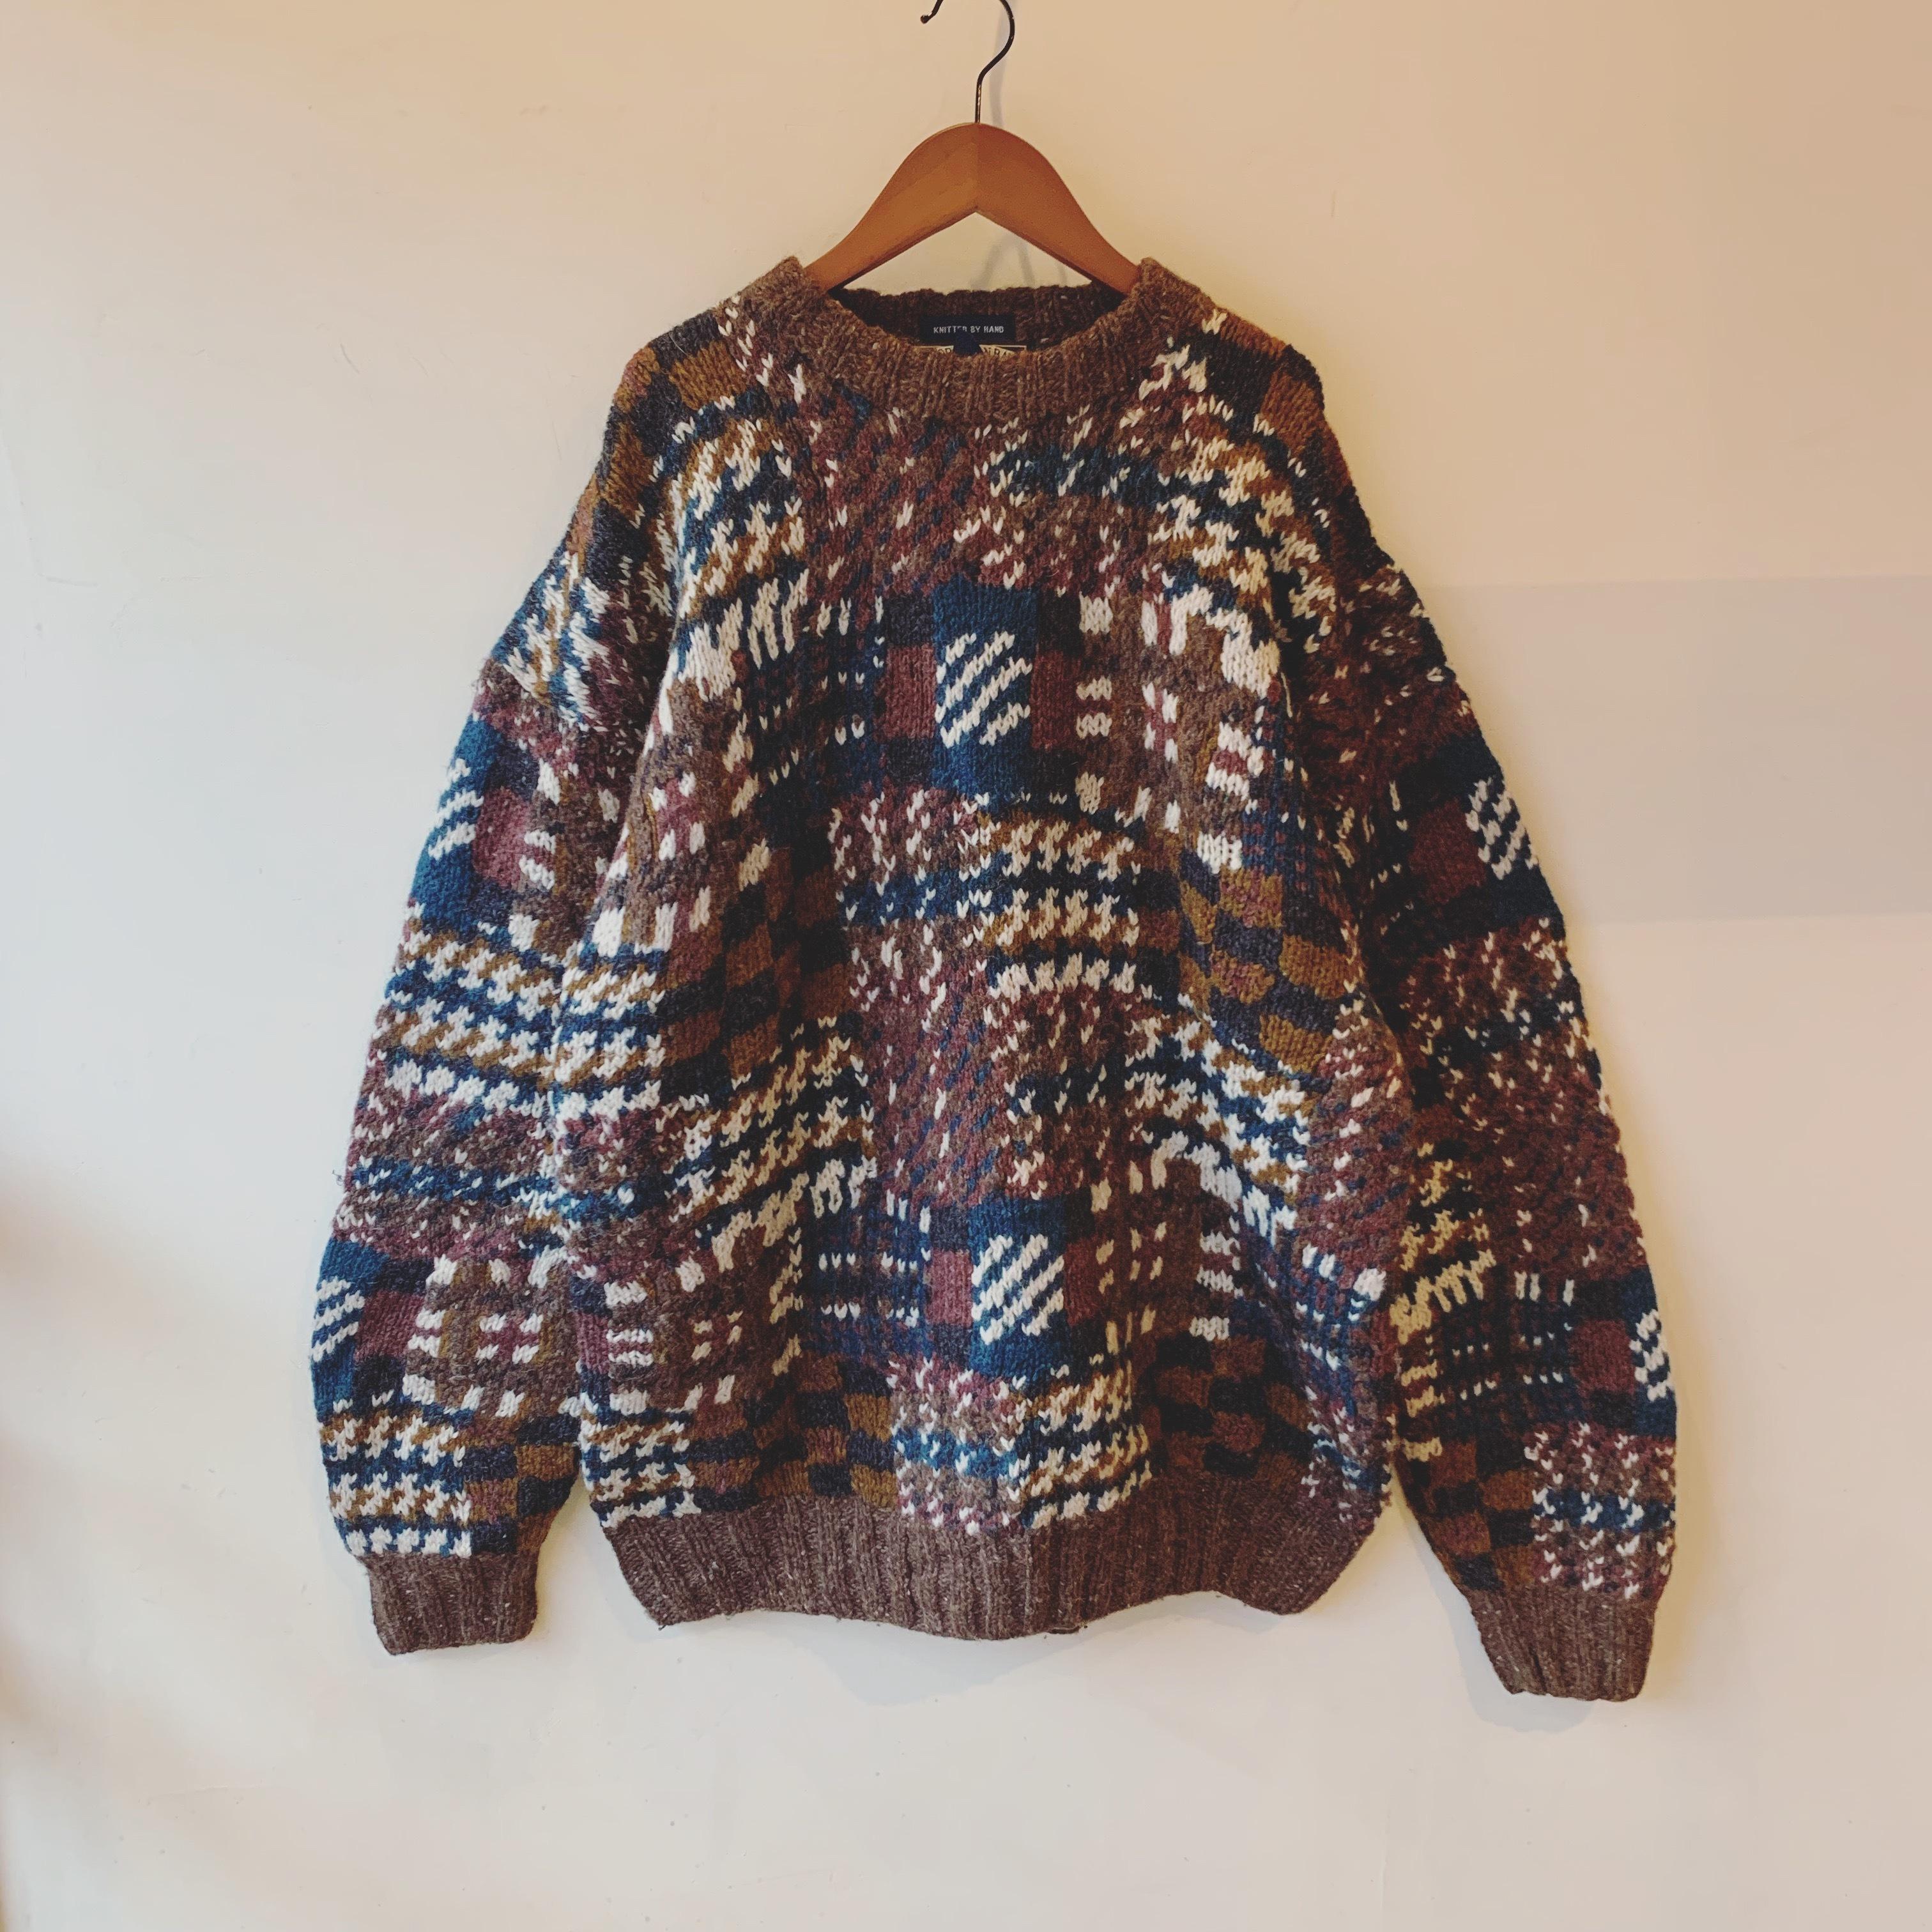 vintage Shetland wool knit sweater